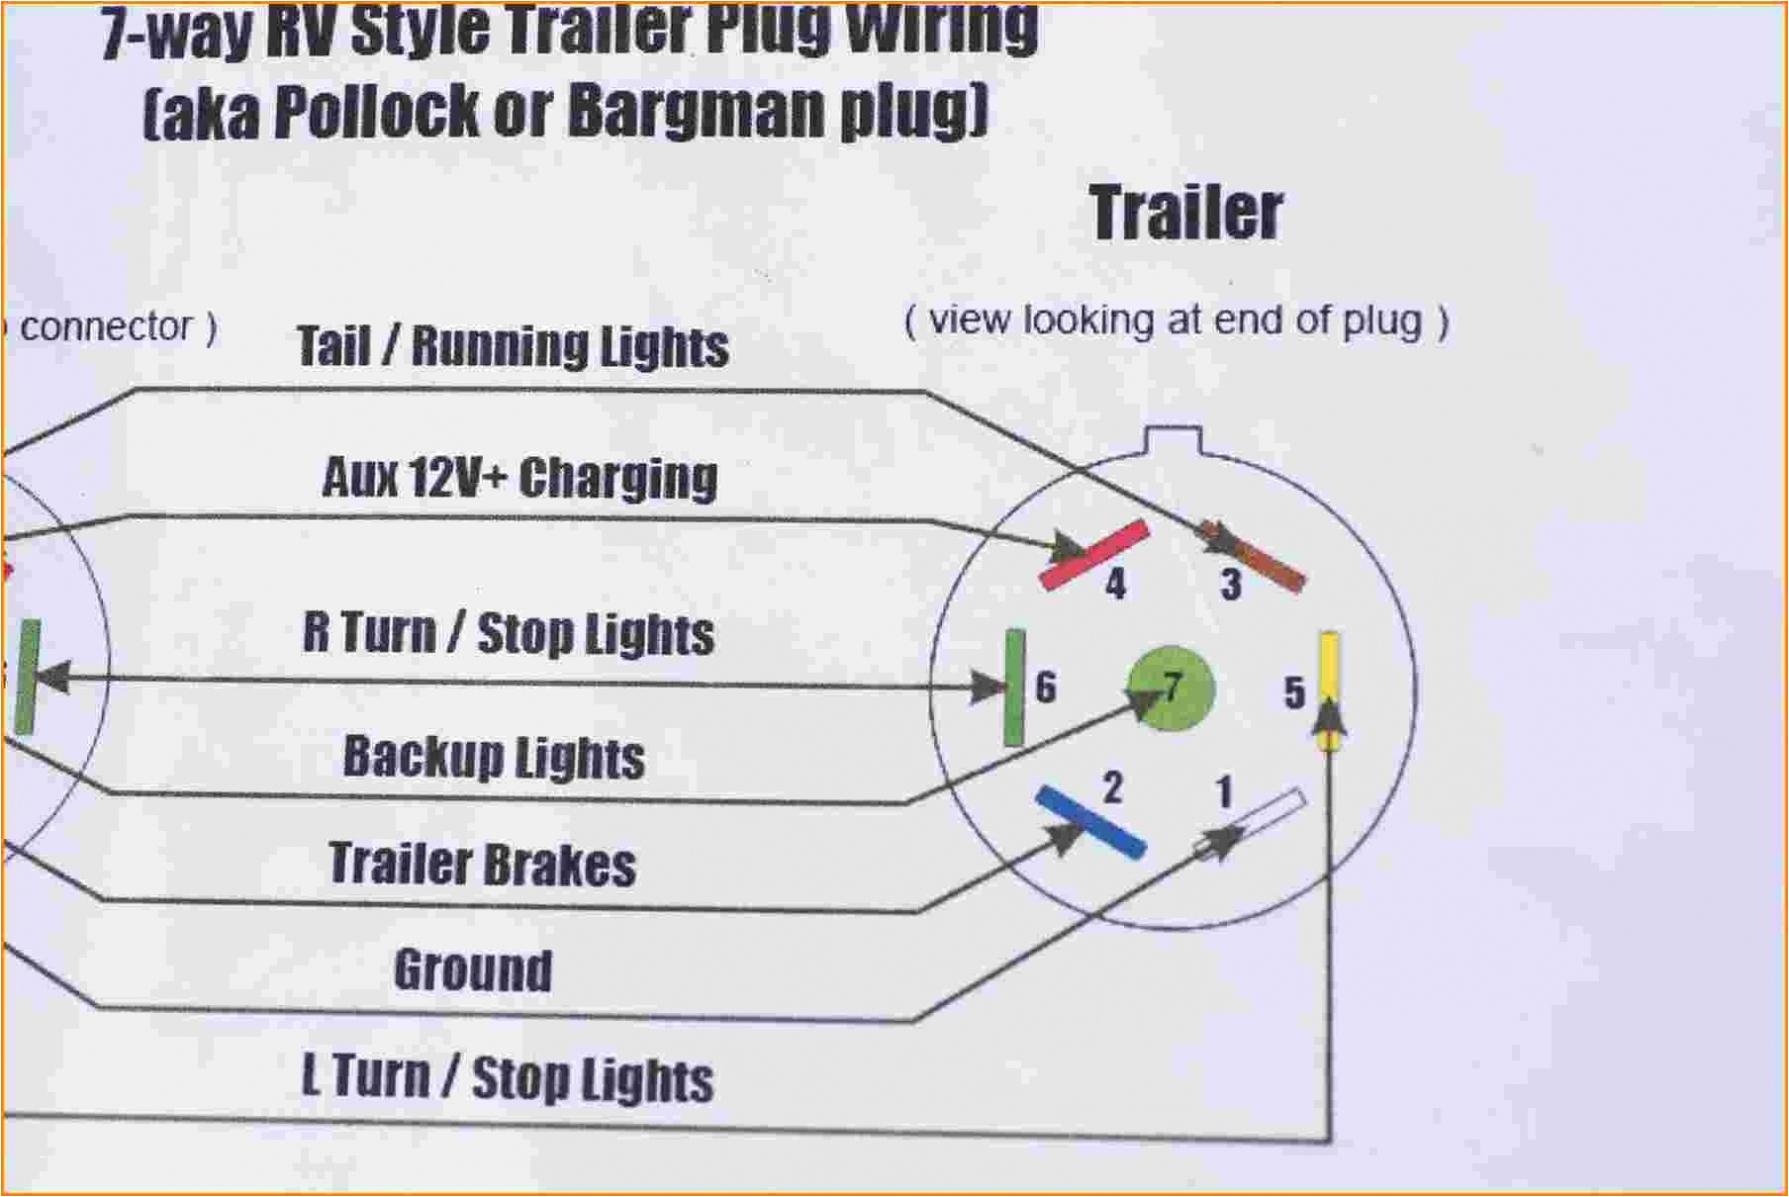 7 Wire Rv Trailer Wiring Diagram 7 Wire Trailer Plug Wiring Diagram Untpikapps